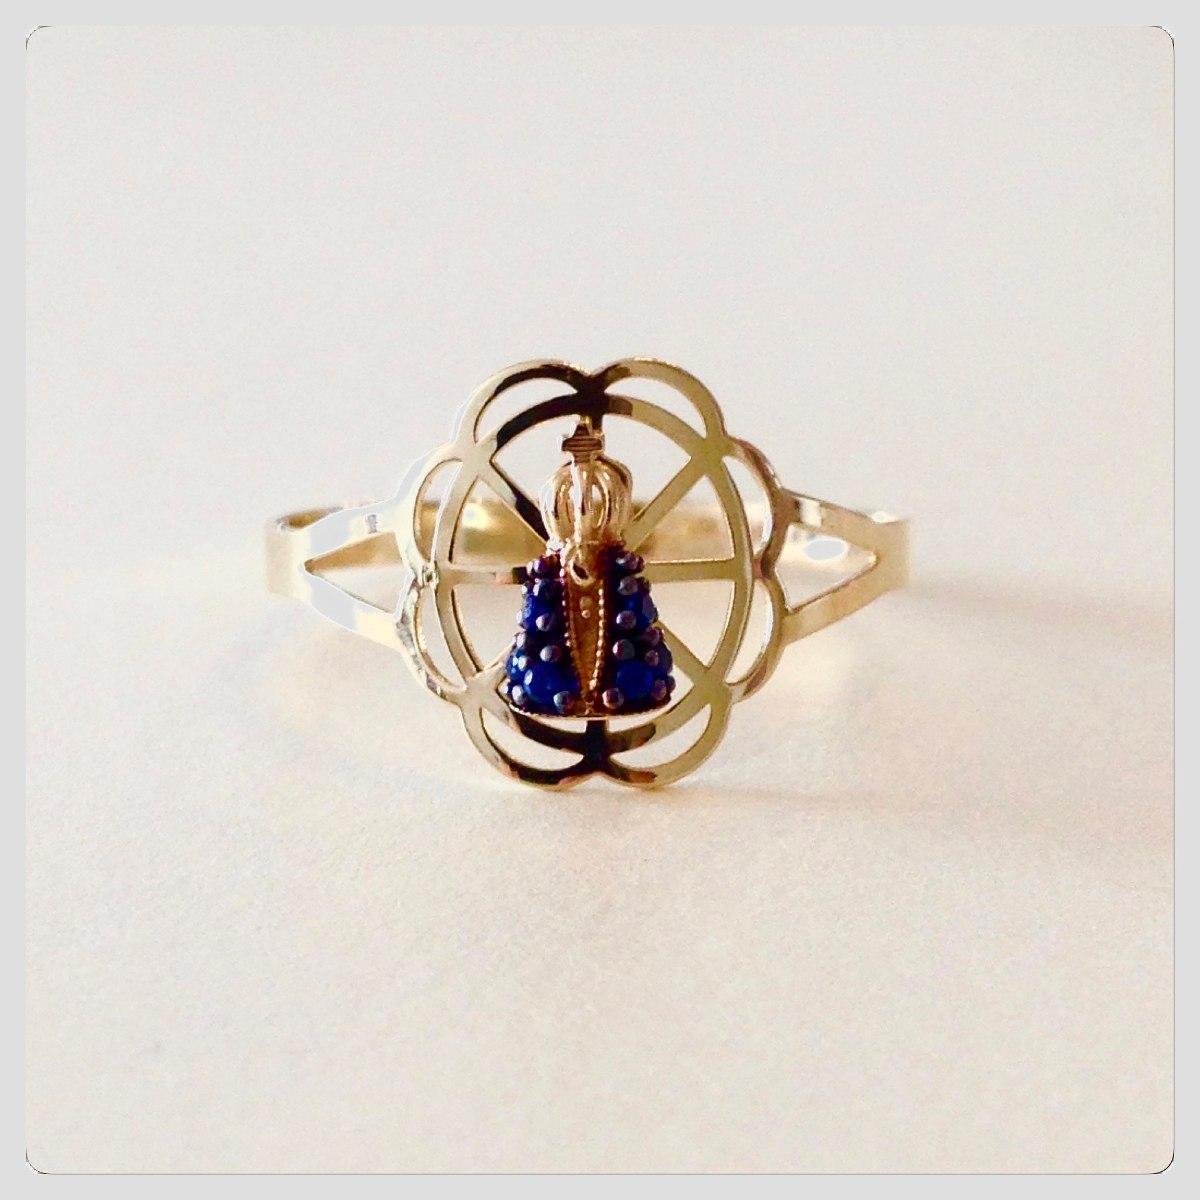 3b28093da09e8 anel nossa senhora aparecida zirconia safira ouro 18k. Carregando zoom.